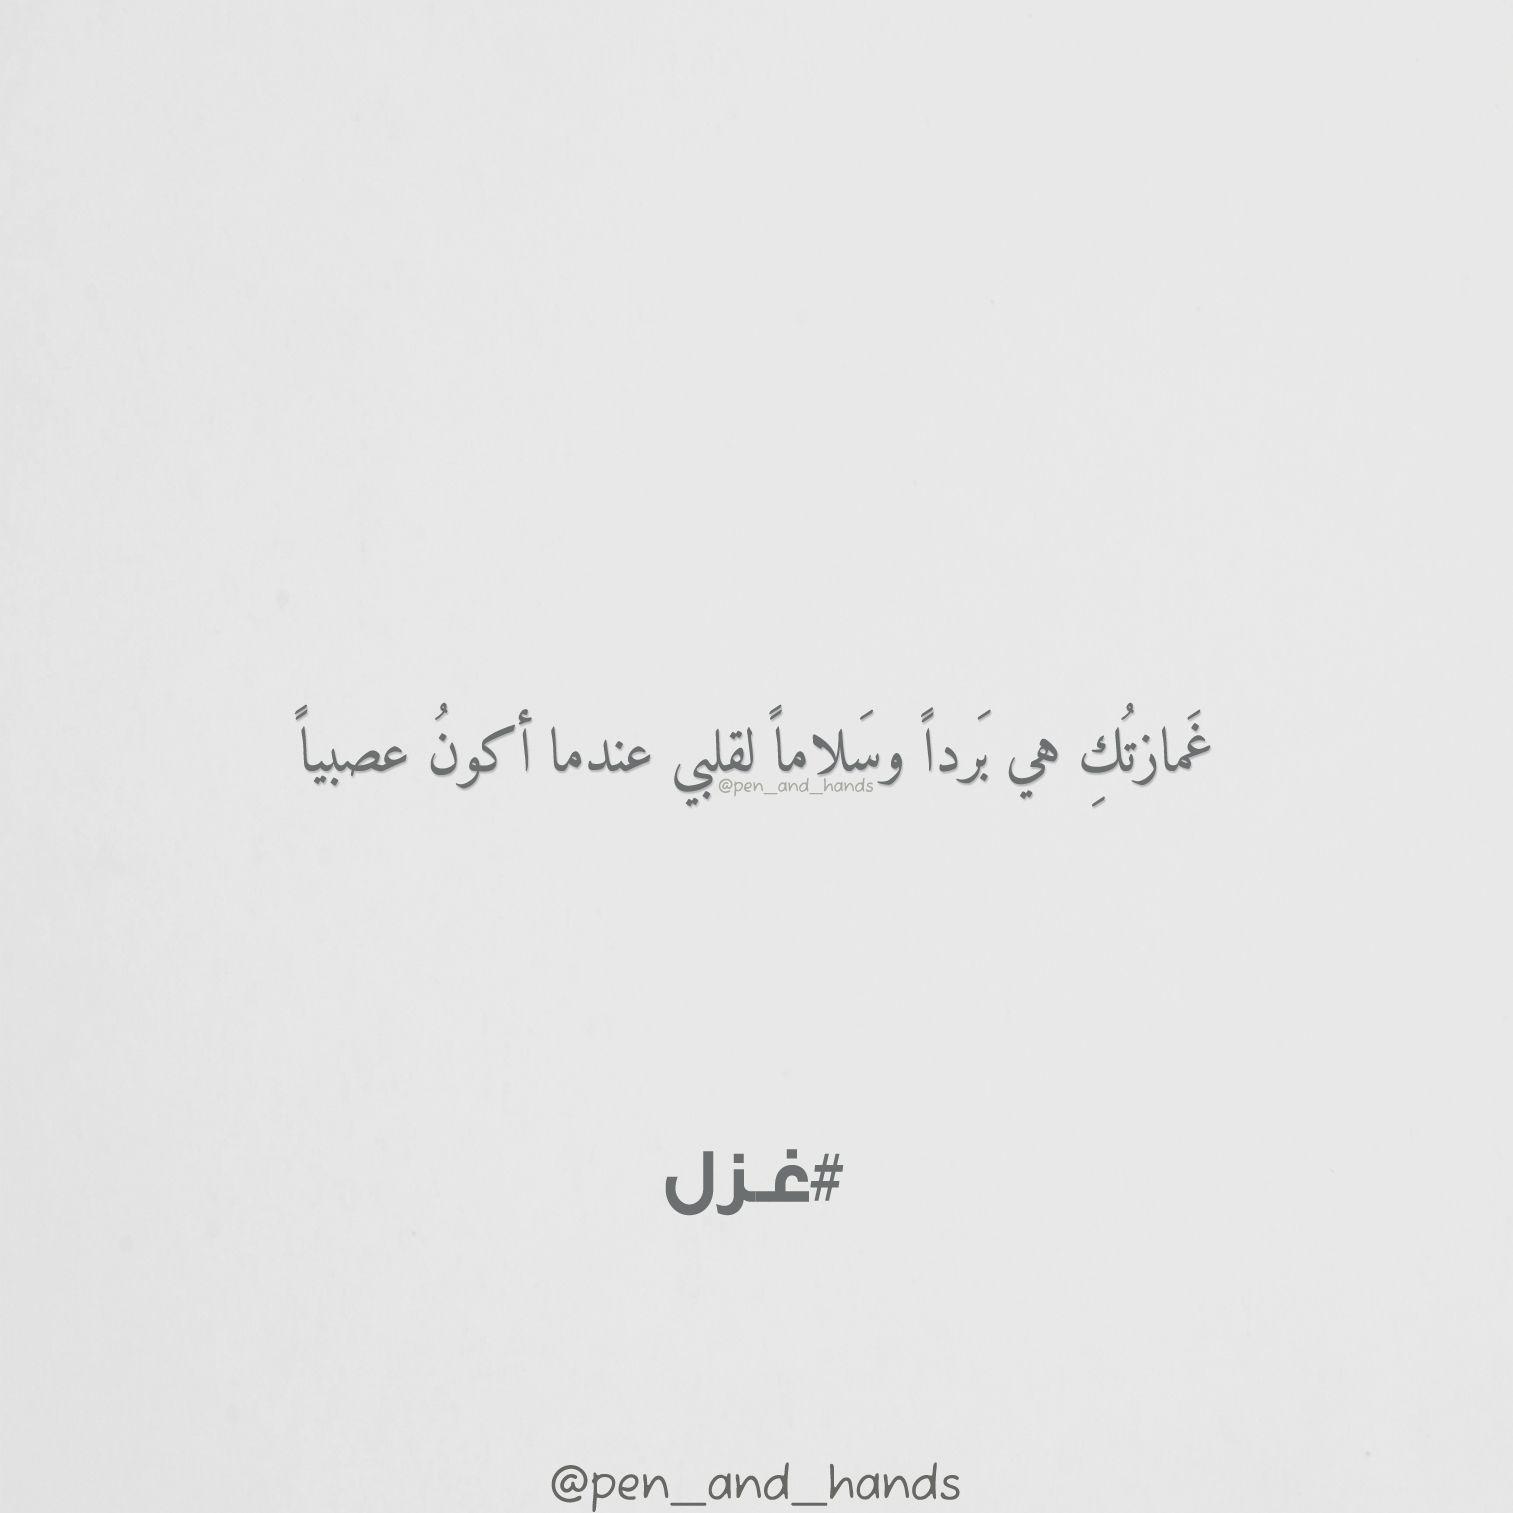 غ مازت ك هي ب ردا وس لاما لقلبي عندما أكون عصبيا غزل Words Calligraphy Arabic Calligraphy